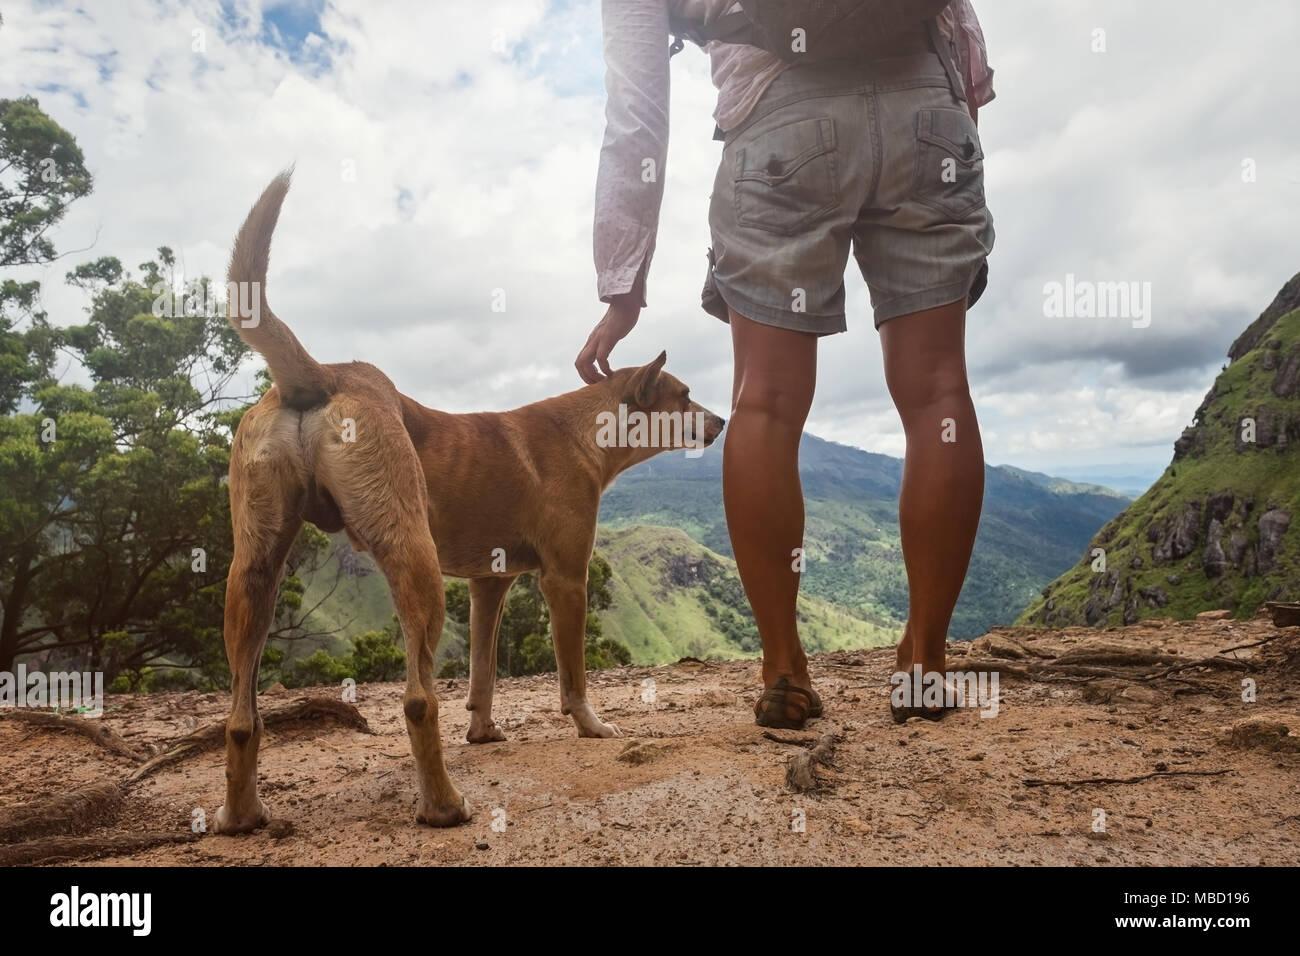 Mujer caucásica de pie con perro y mirando a la vista de la montaña. Foto de stock